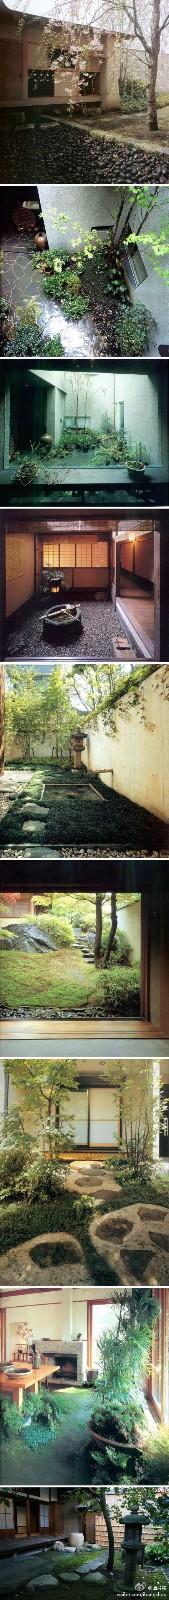 流行庭院图纸